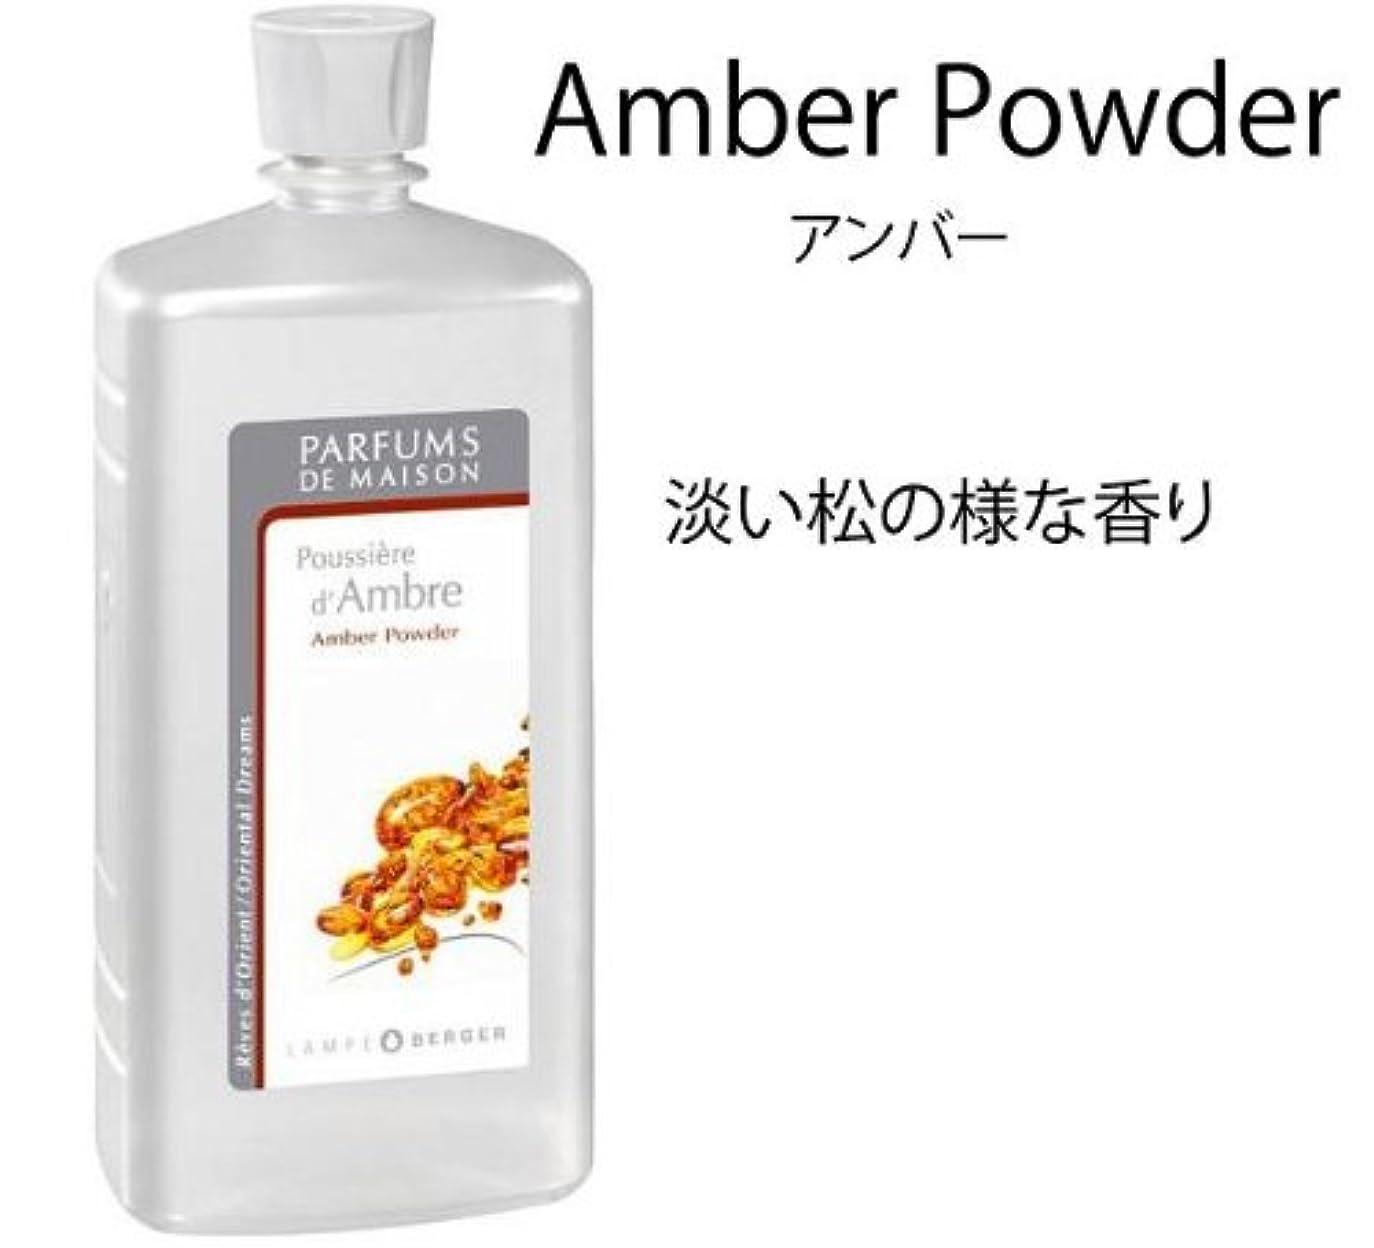 闇弱点良い【LAMP BERGER】France1000ml/Aroma Oil●Amber Powder●アンバー